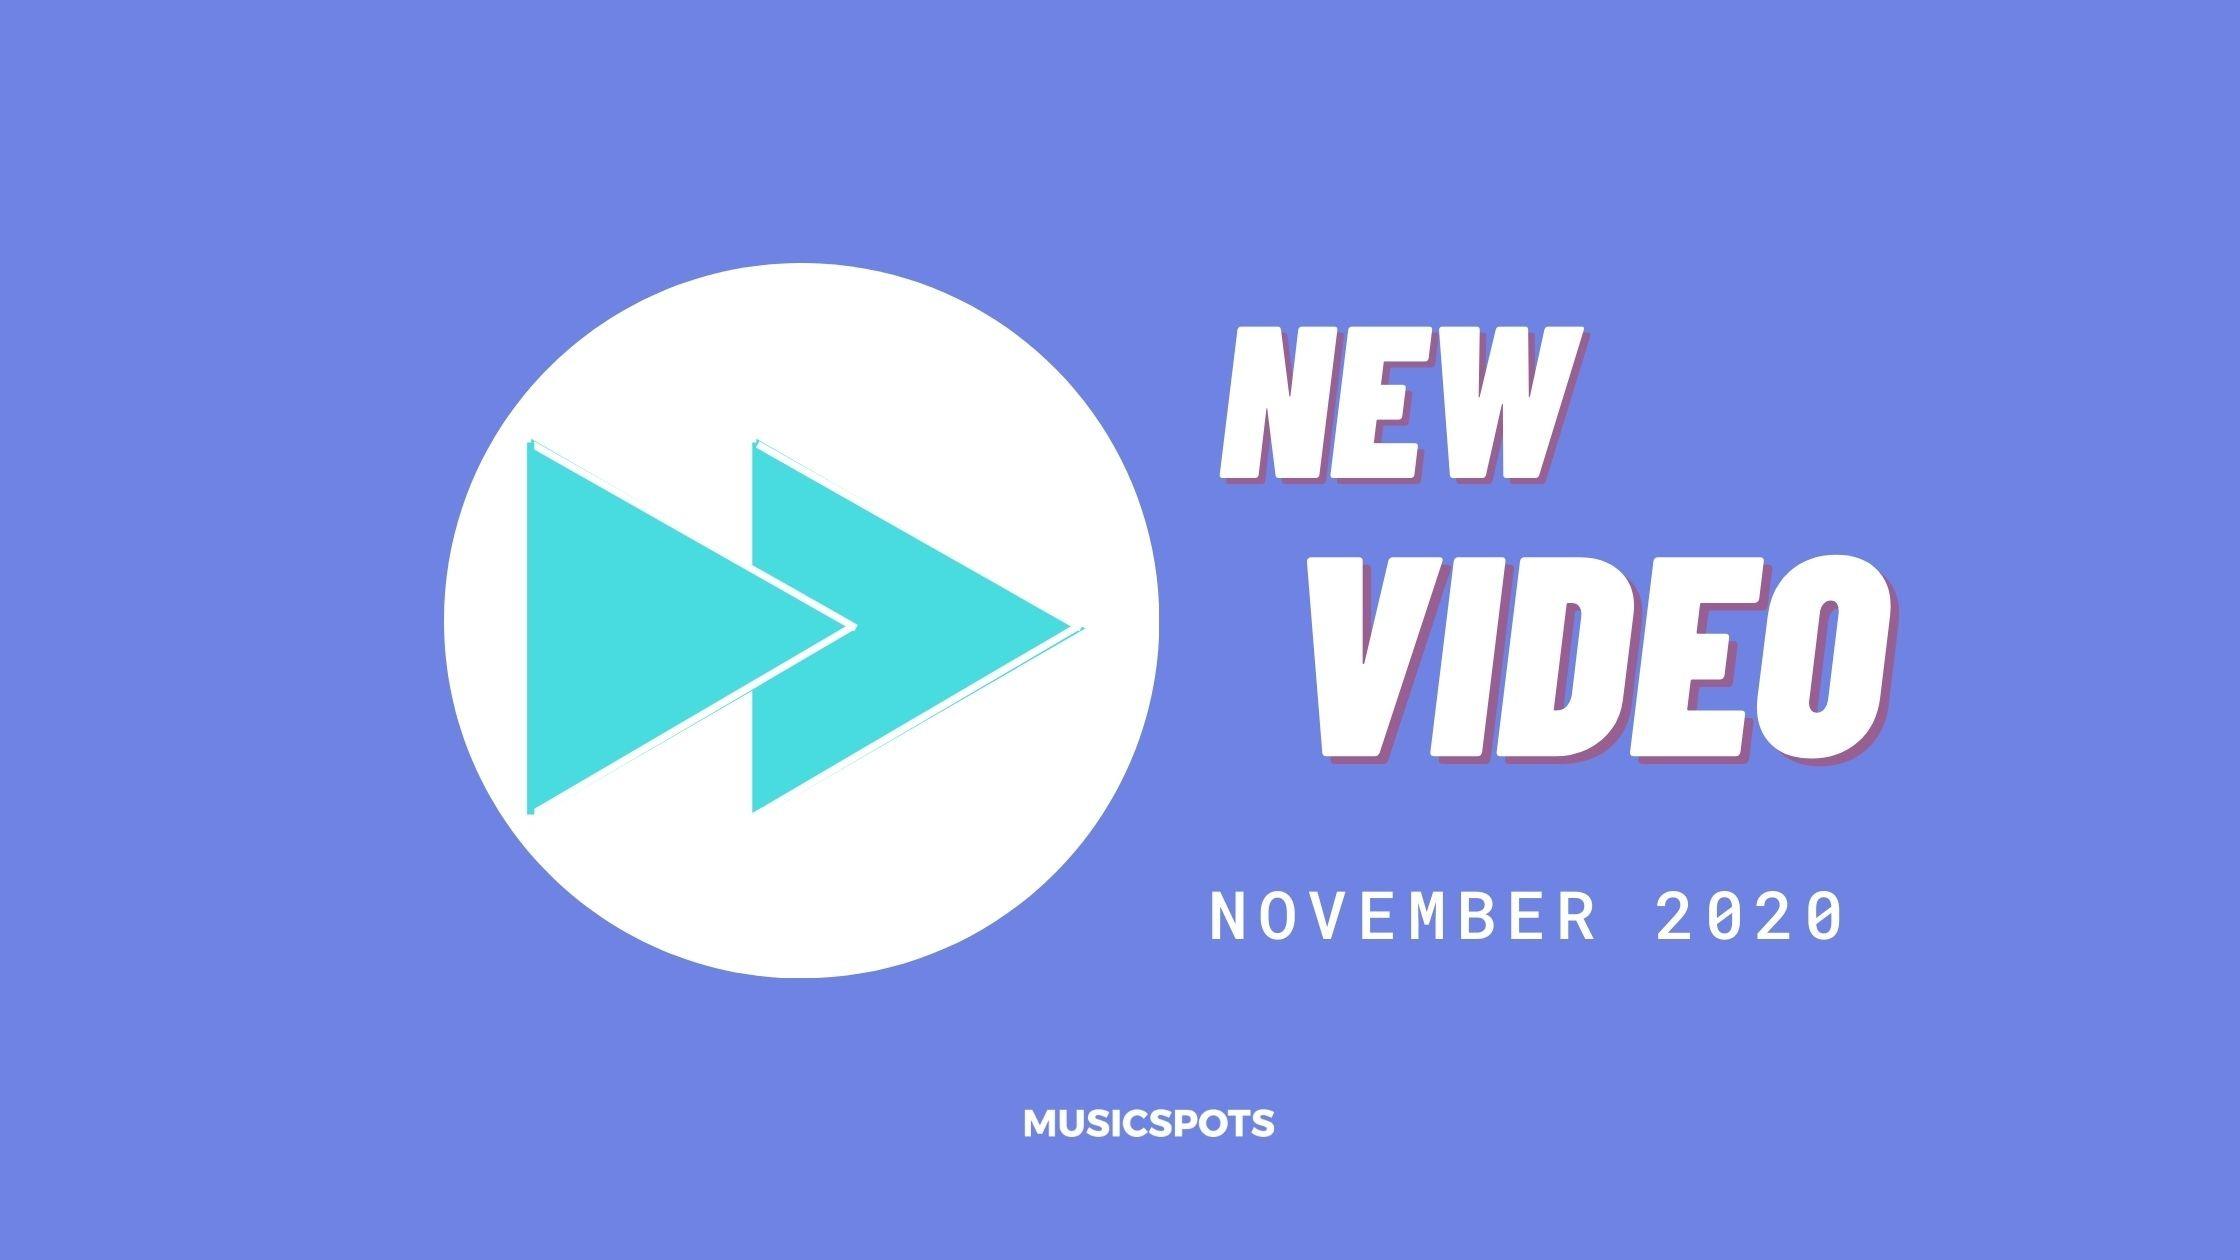 Videos mit leicht niederländischen Einflüssen